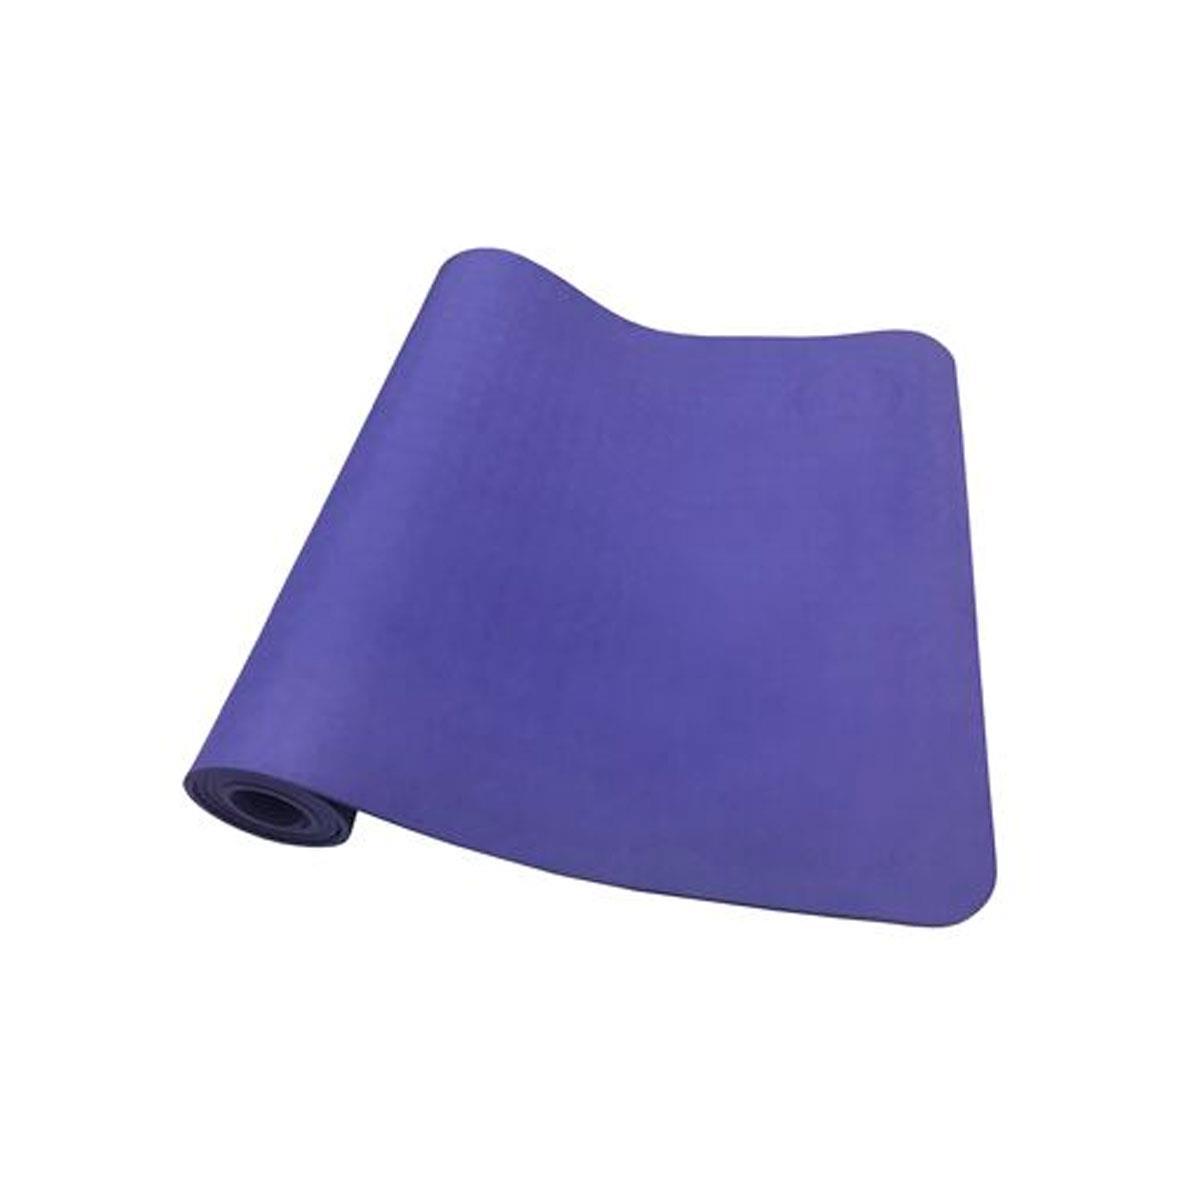 Tapete Para Yoga Em Tpe Yoga Mat Eco - Hopumanu